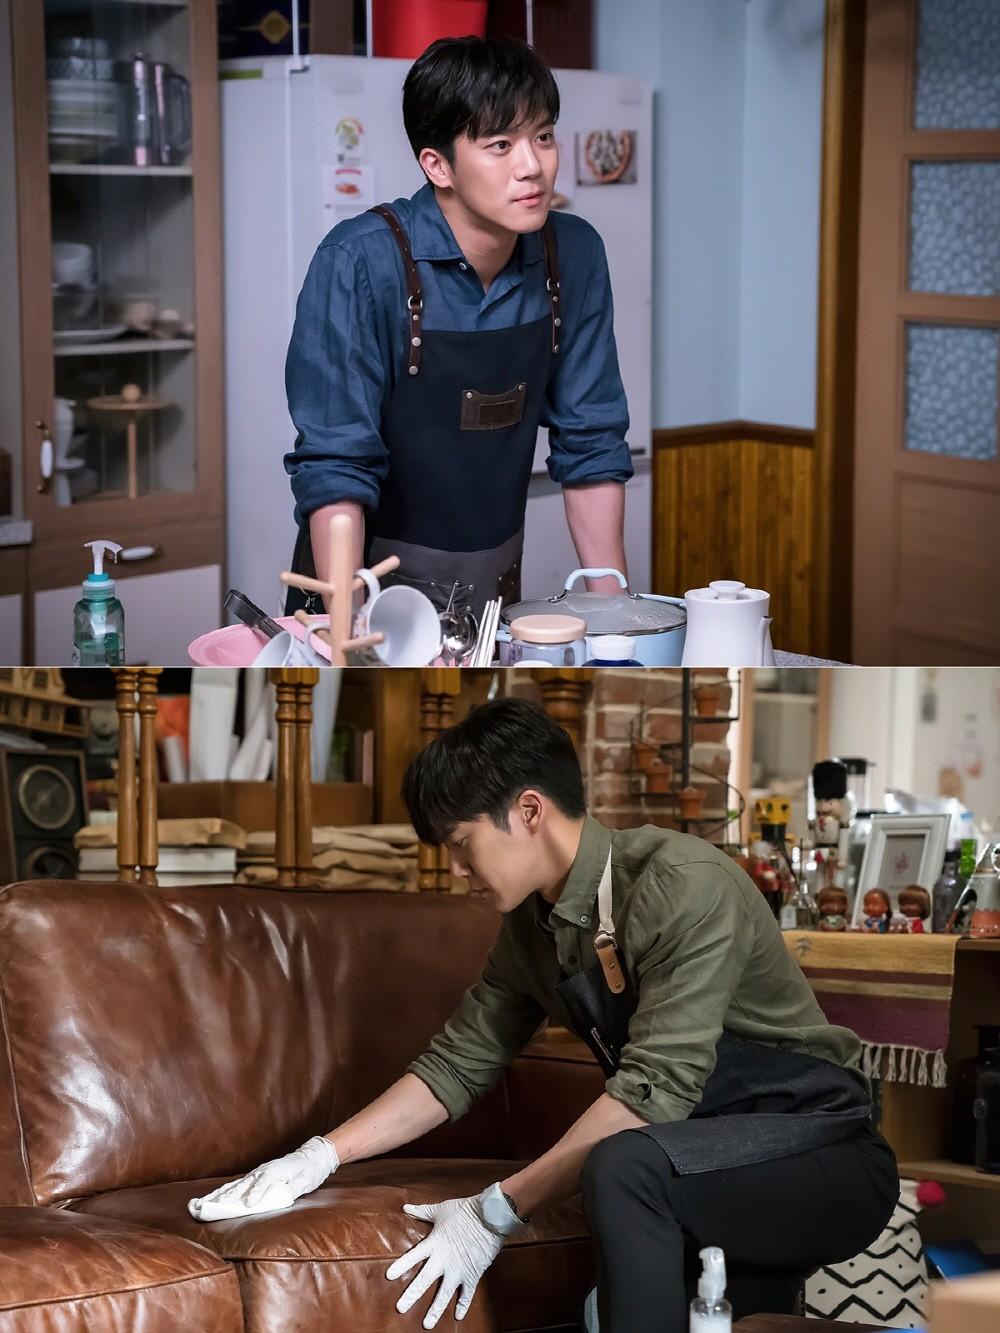 Your House Helper: Chuyện chàng quản gia đẹp hơn hoa xứ Hàn dọn dẹp tâm hồn người xem - Ảnh 5.